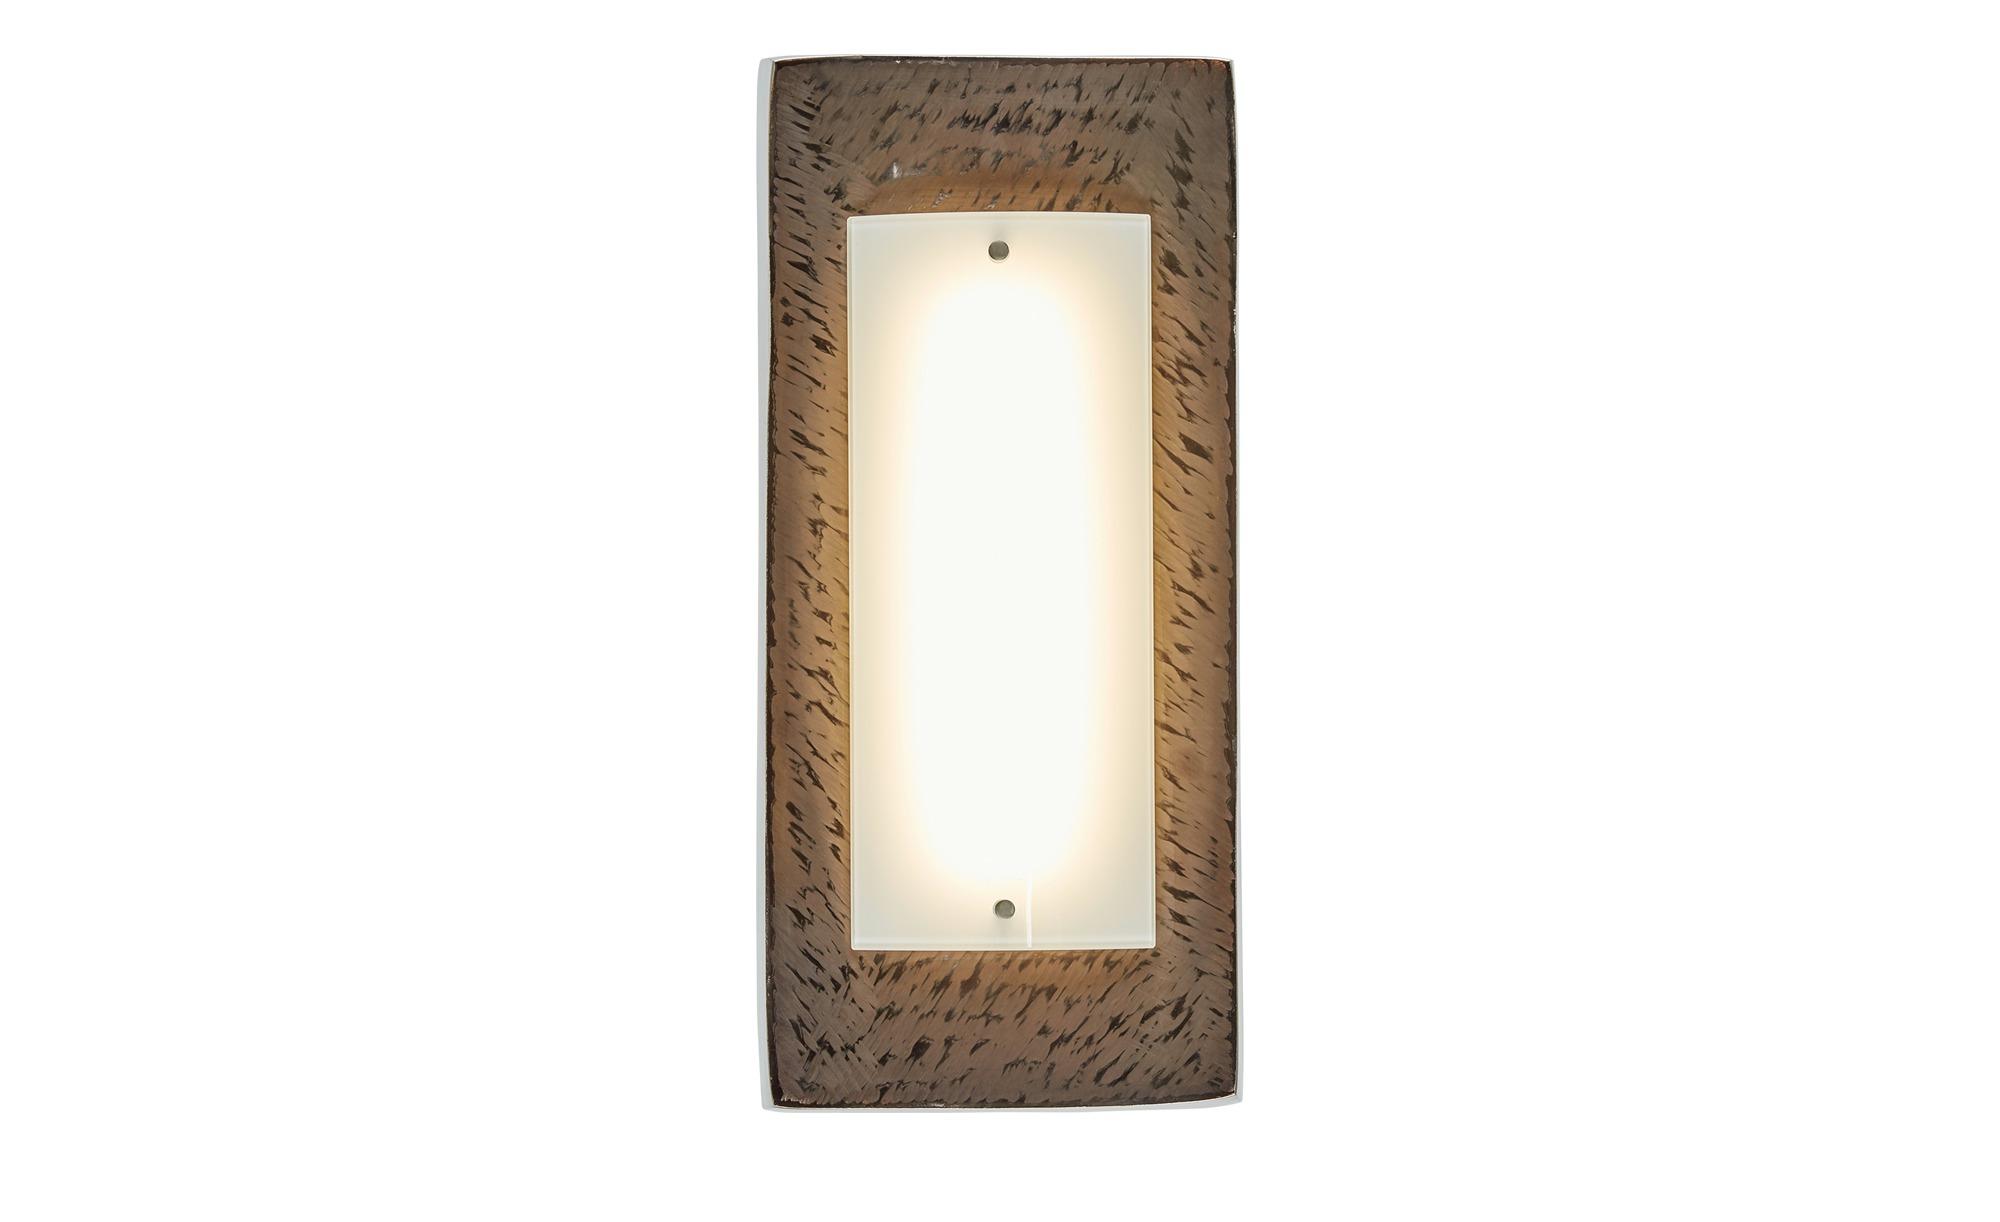 Fischer-Honsel LED- Wandleuchte, 1-flammig, dunkelbraun, gewölbt ¦ braun ¦ Maße (cm): B: 18,5 Lampen & Leuchten > Innenleuchten > Wandleuchten - Höffner